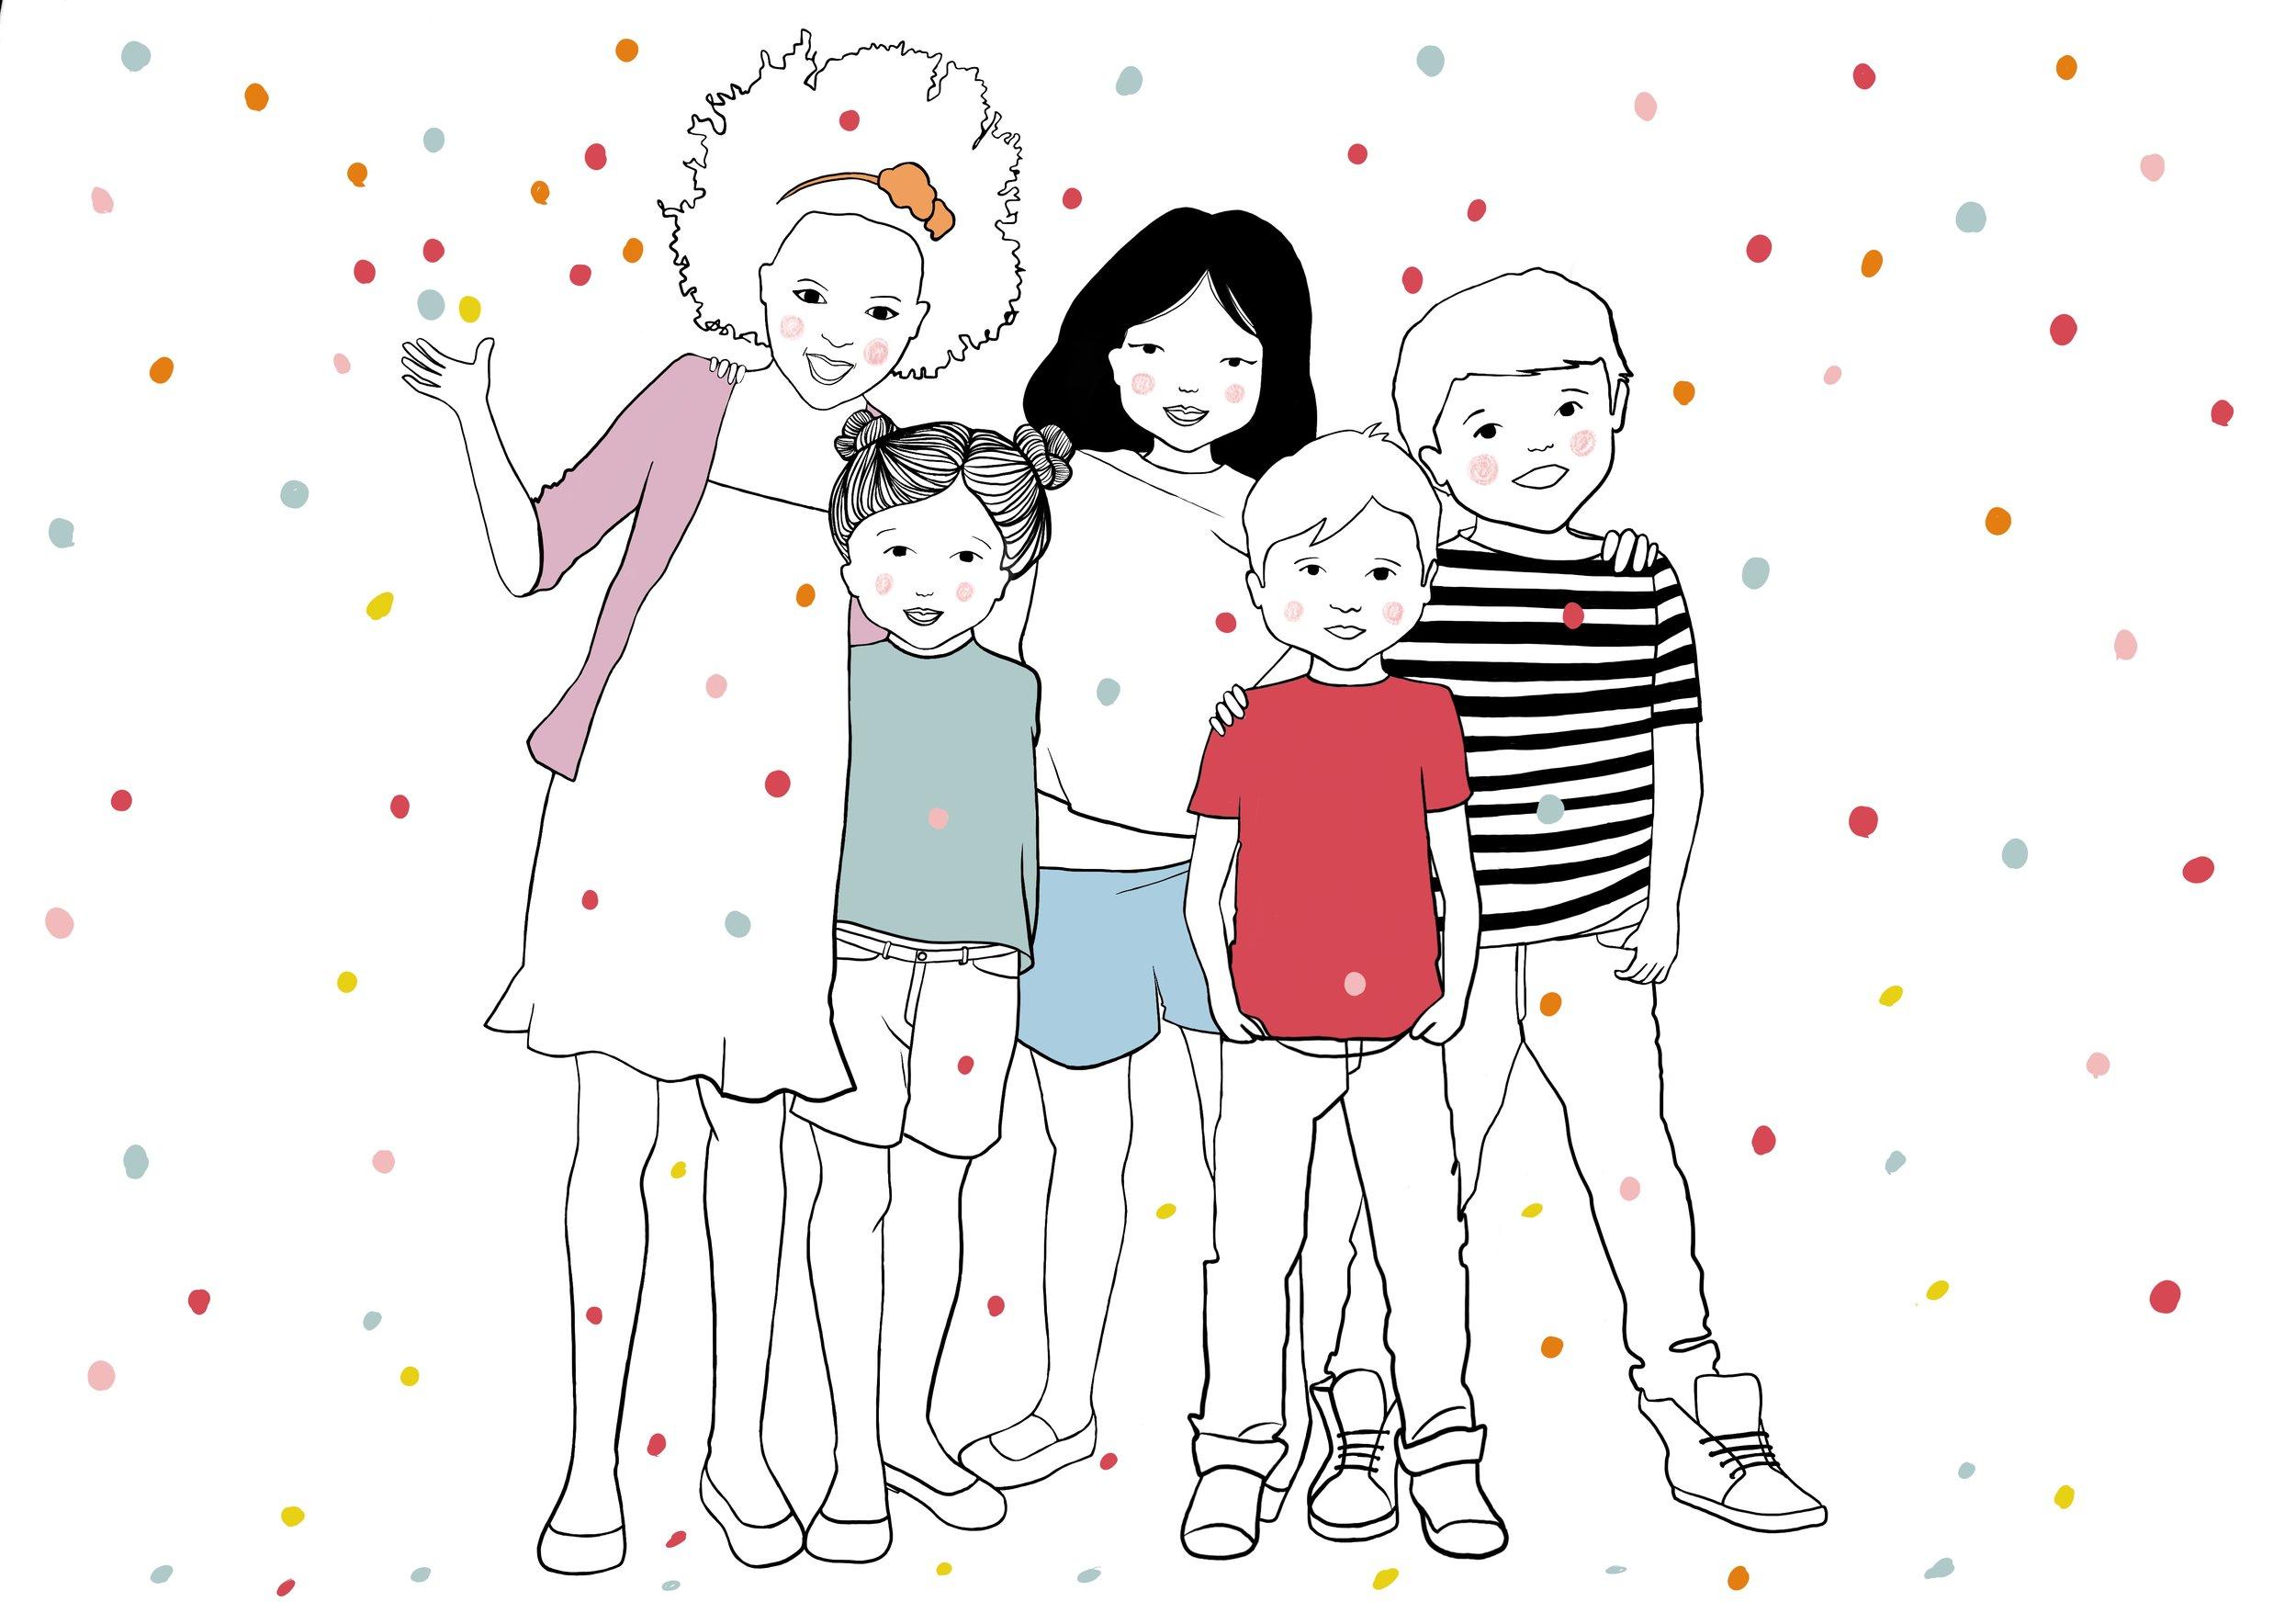 Ilustración_sin_título-10.jpg